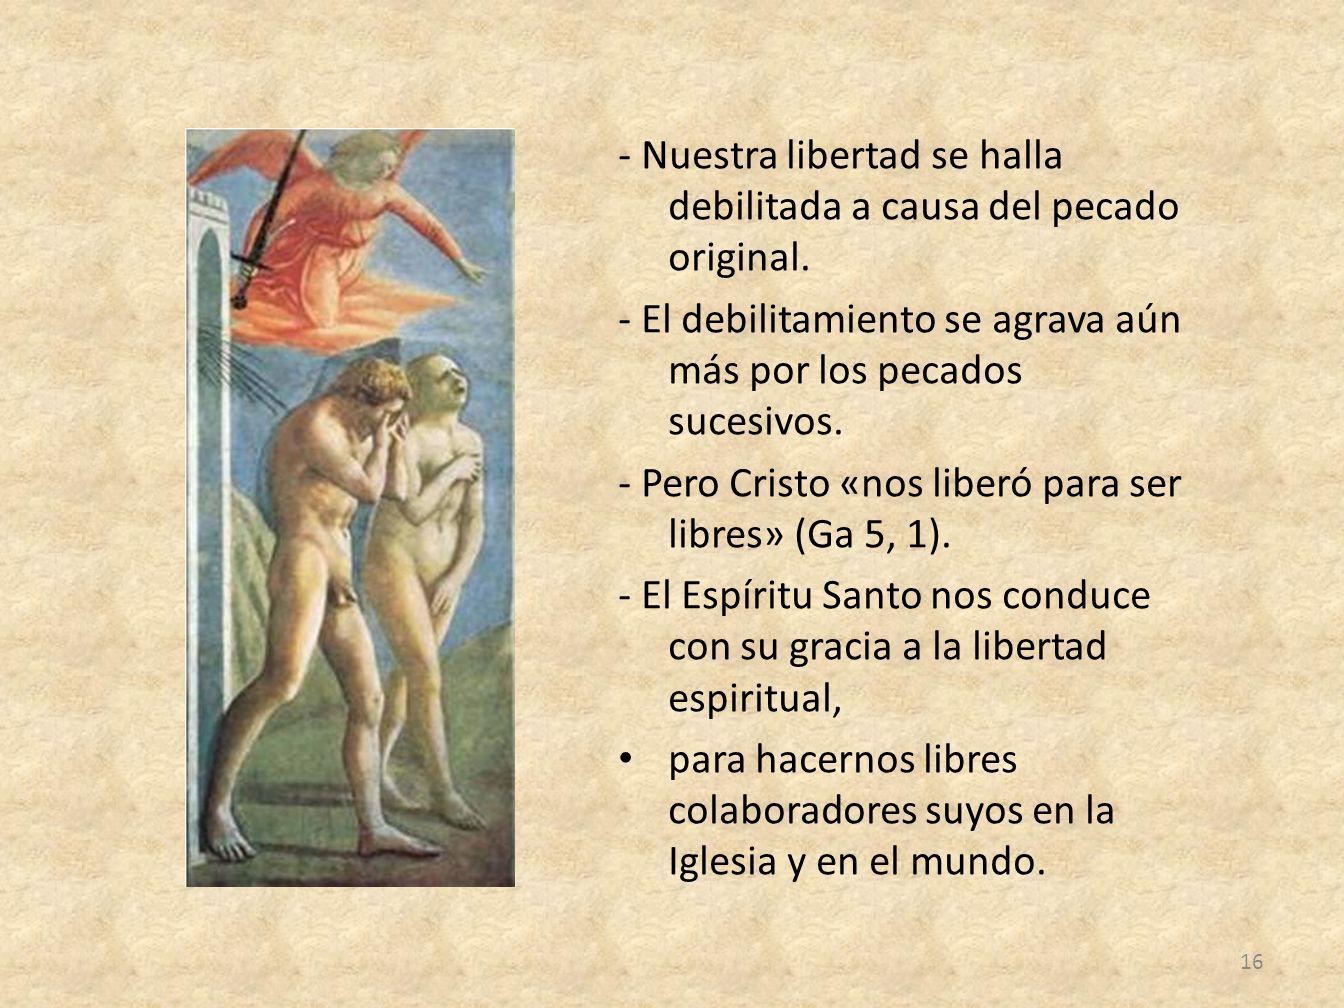 - Nuestra libertad se halla debilitada a causa del pecado original.